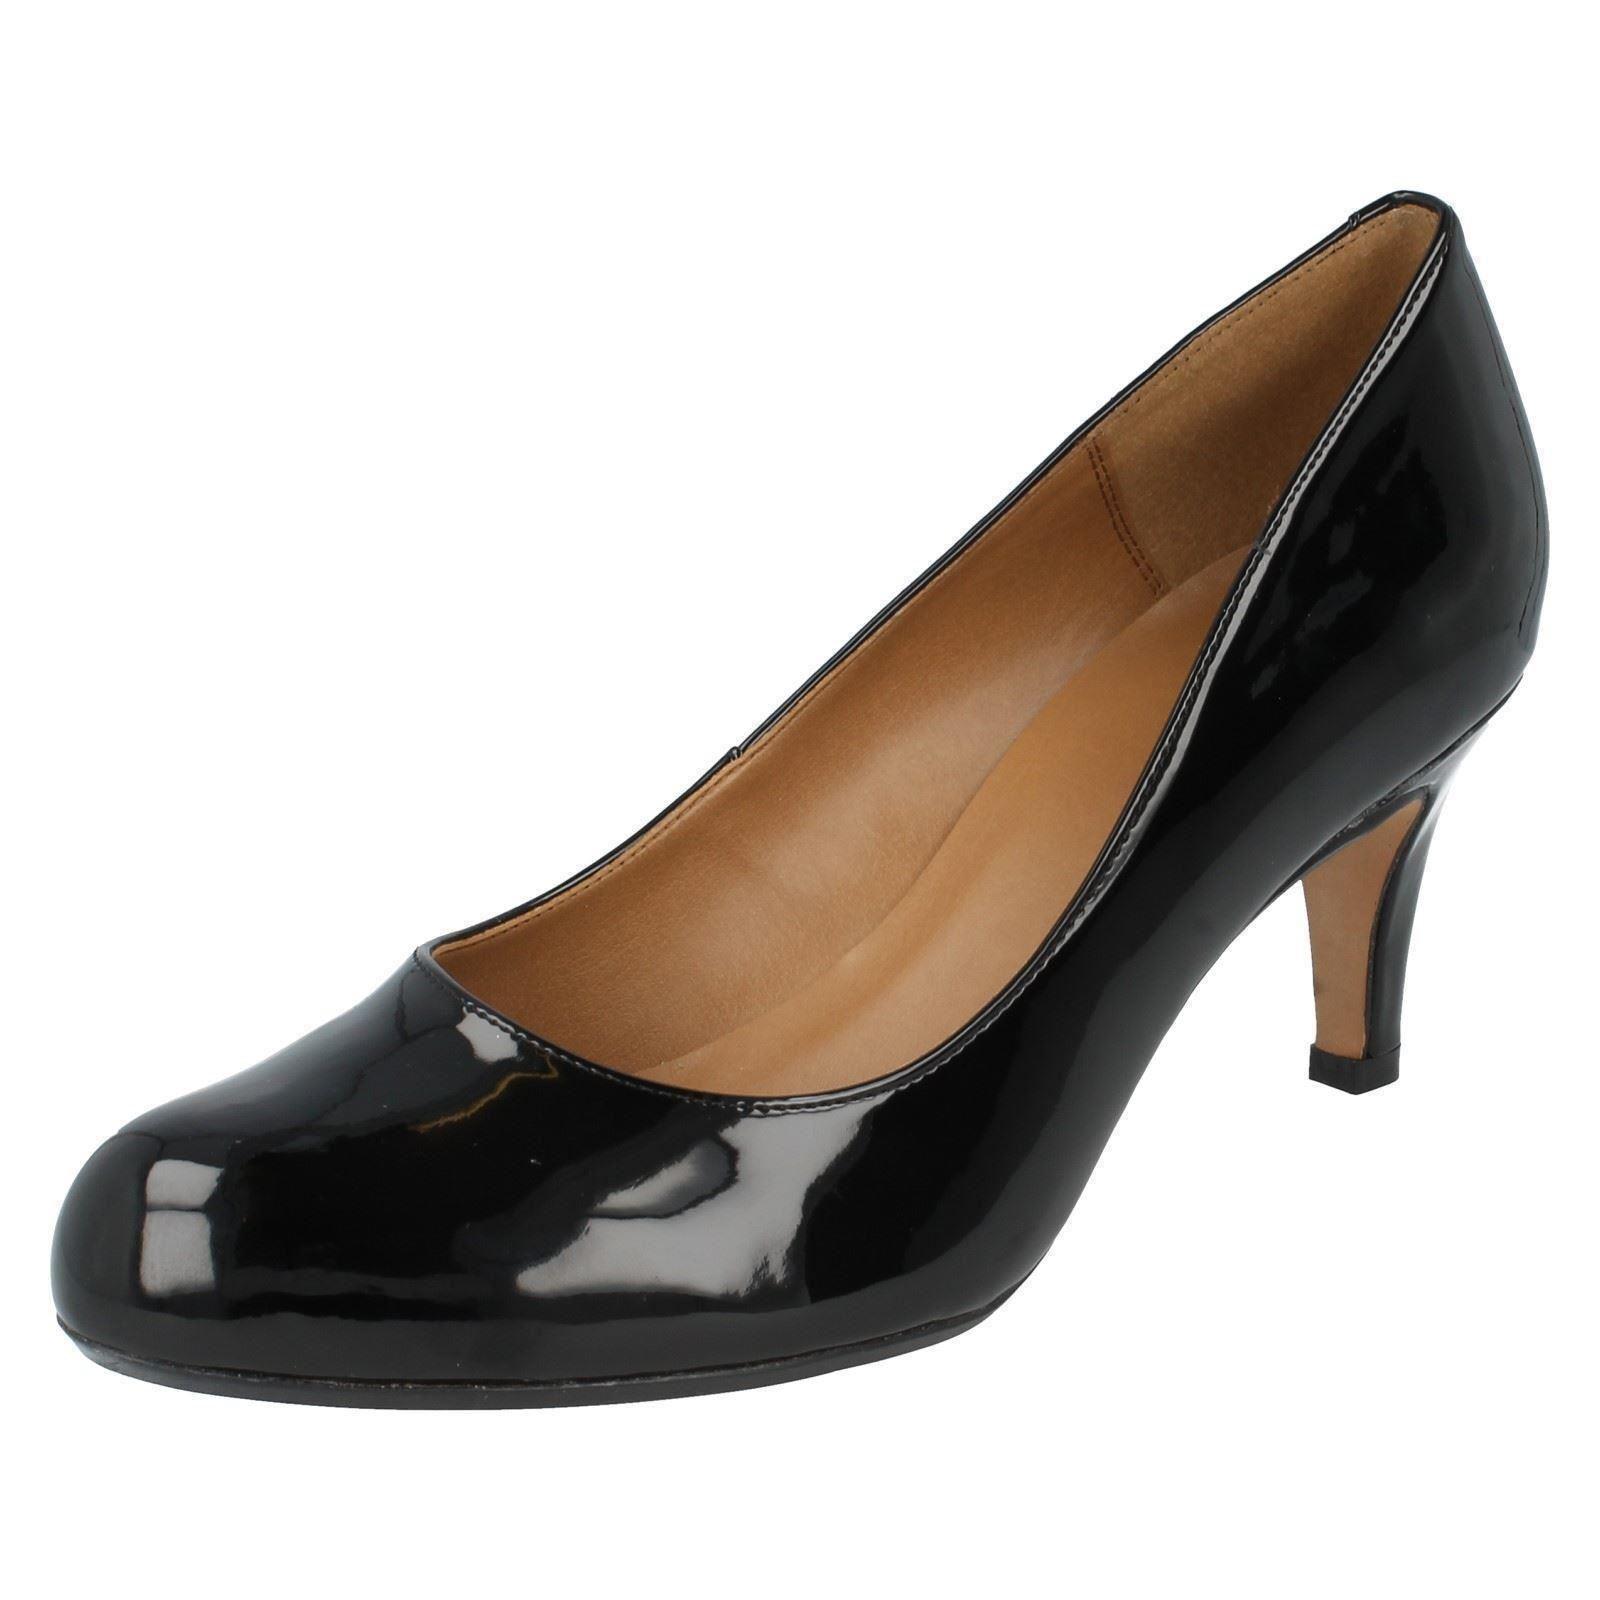 Clarks' Arista Abe ' mujer charol negro de salón Zapatos Ajuste D